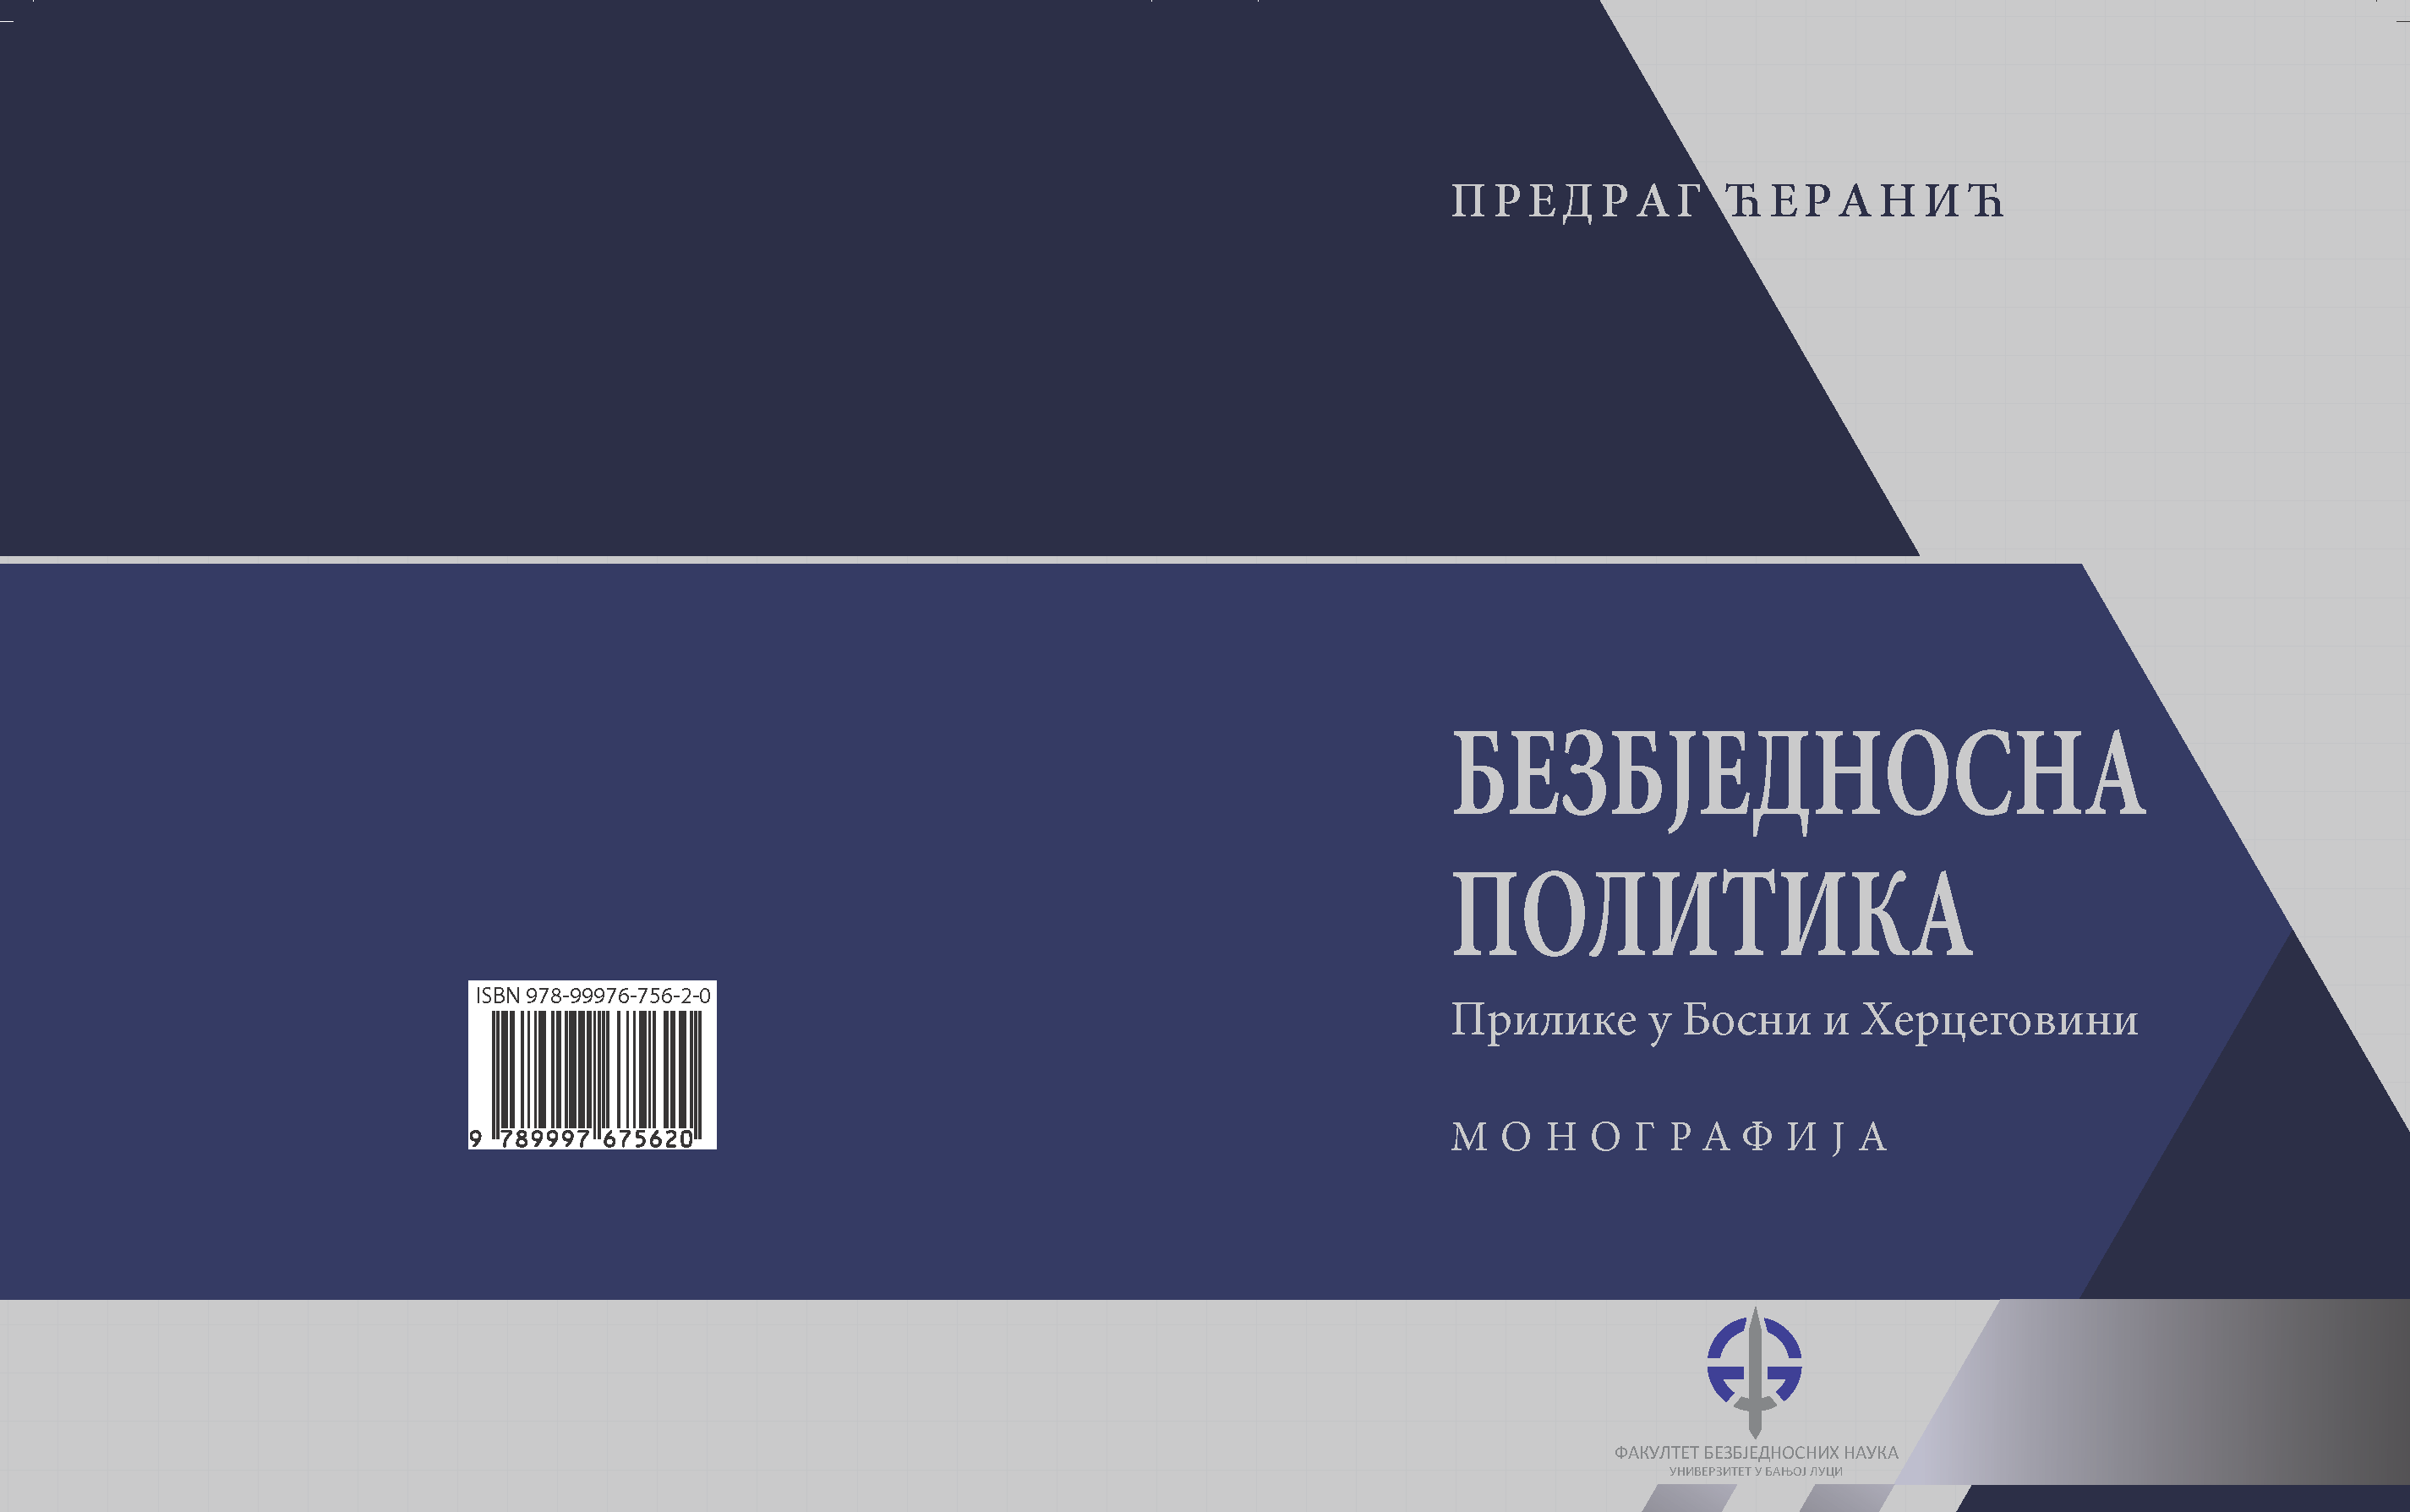 """Објављена монографија """"Безбједносна политика – Прилике у Босни и Херцеговини"""" аутора Предрага Ћеранића"""